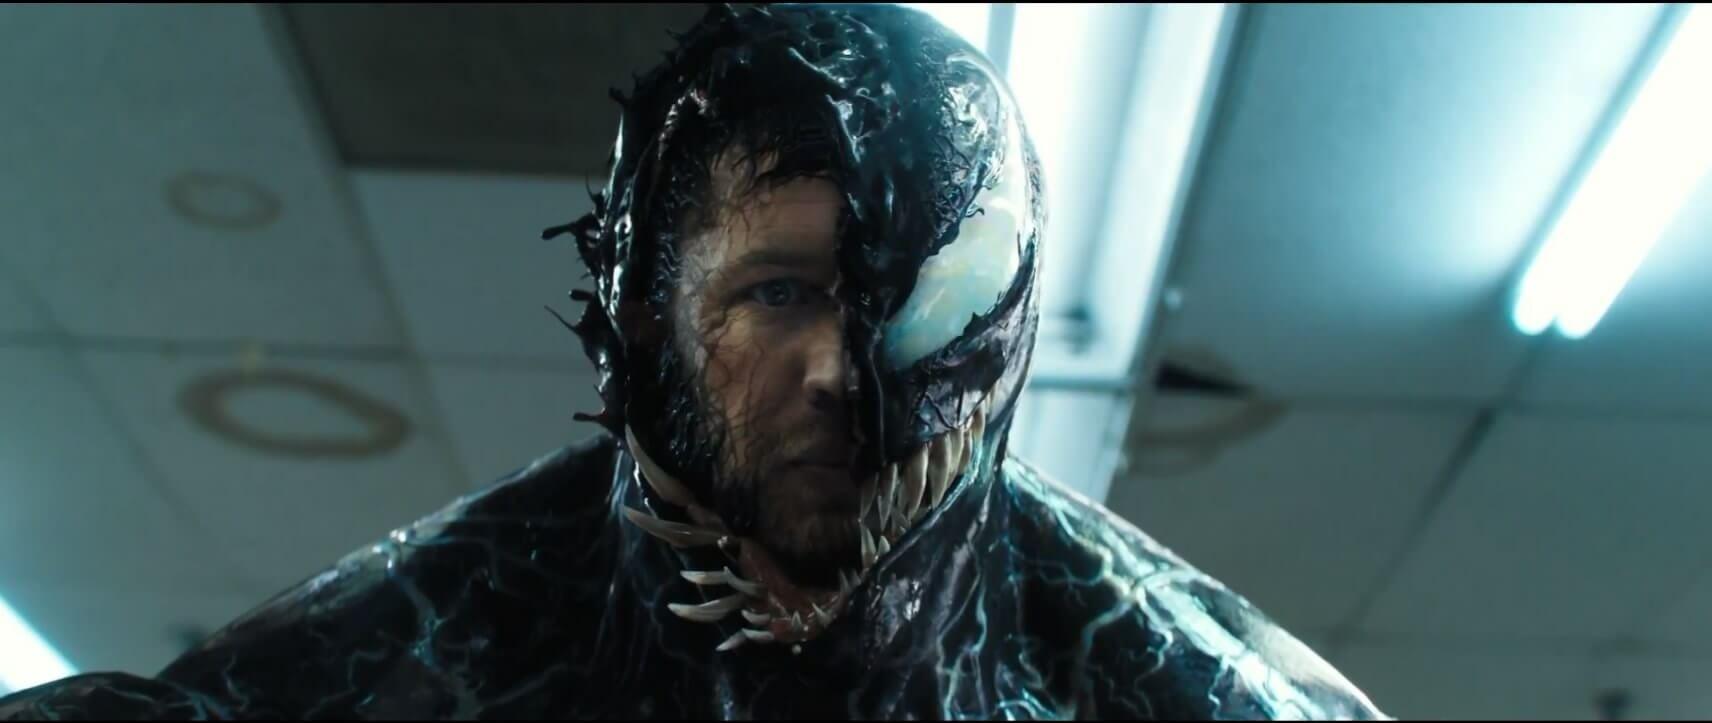 《 猛毒 》儘管評價不佳但票房依舊亮眼,日後續集仍令人期待。